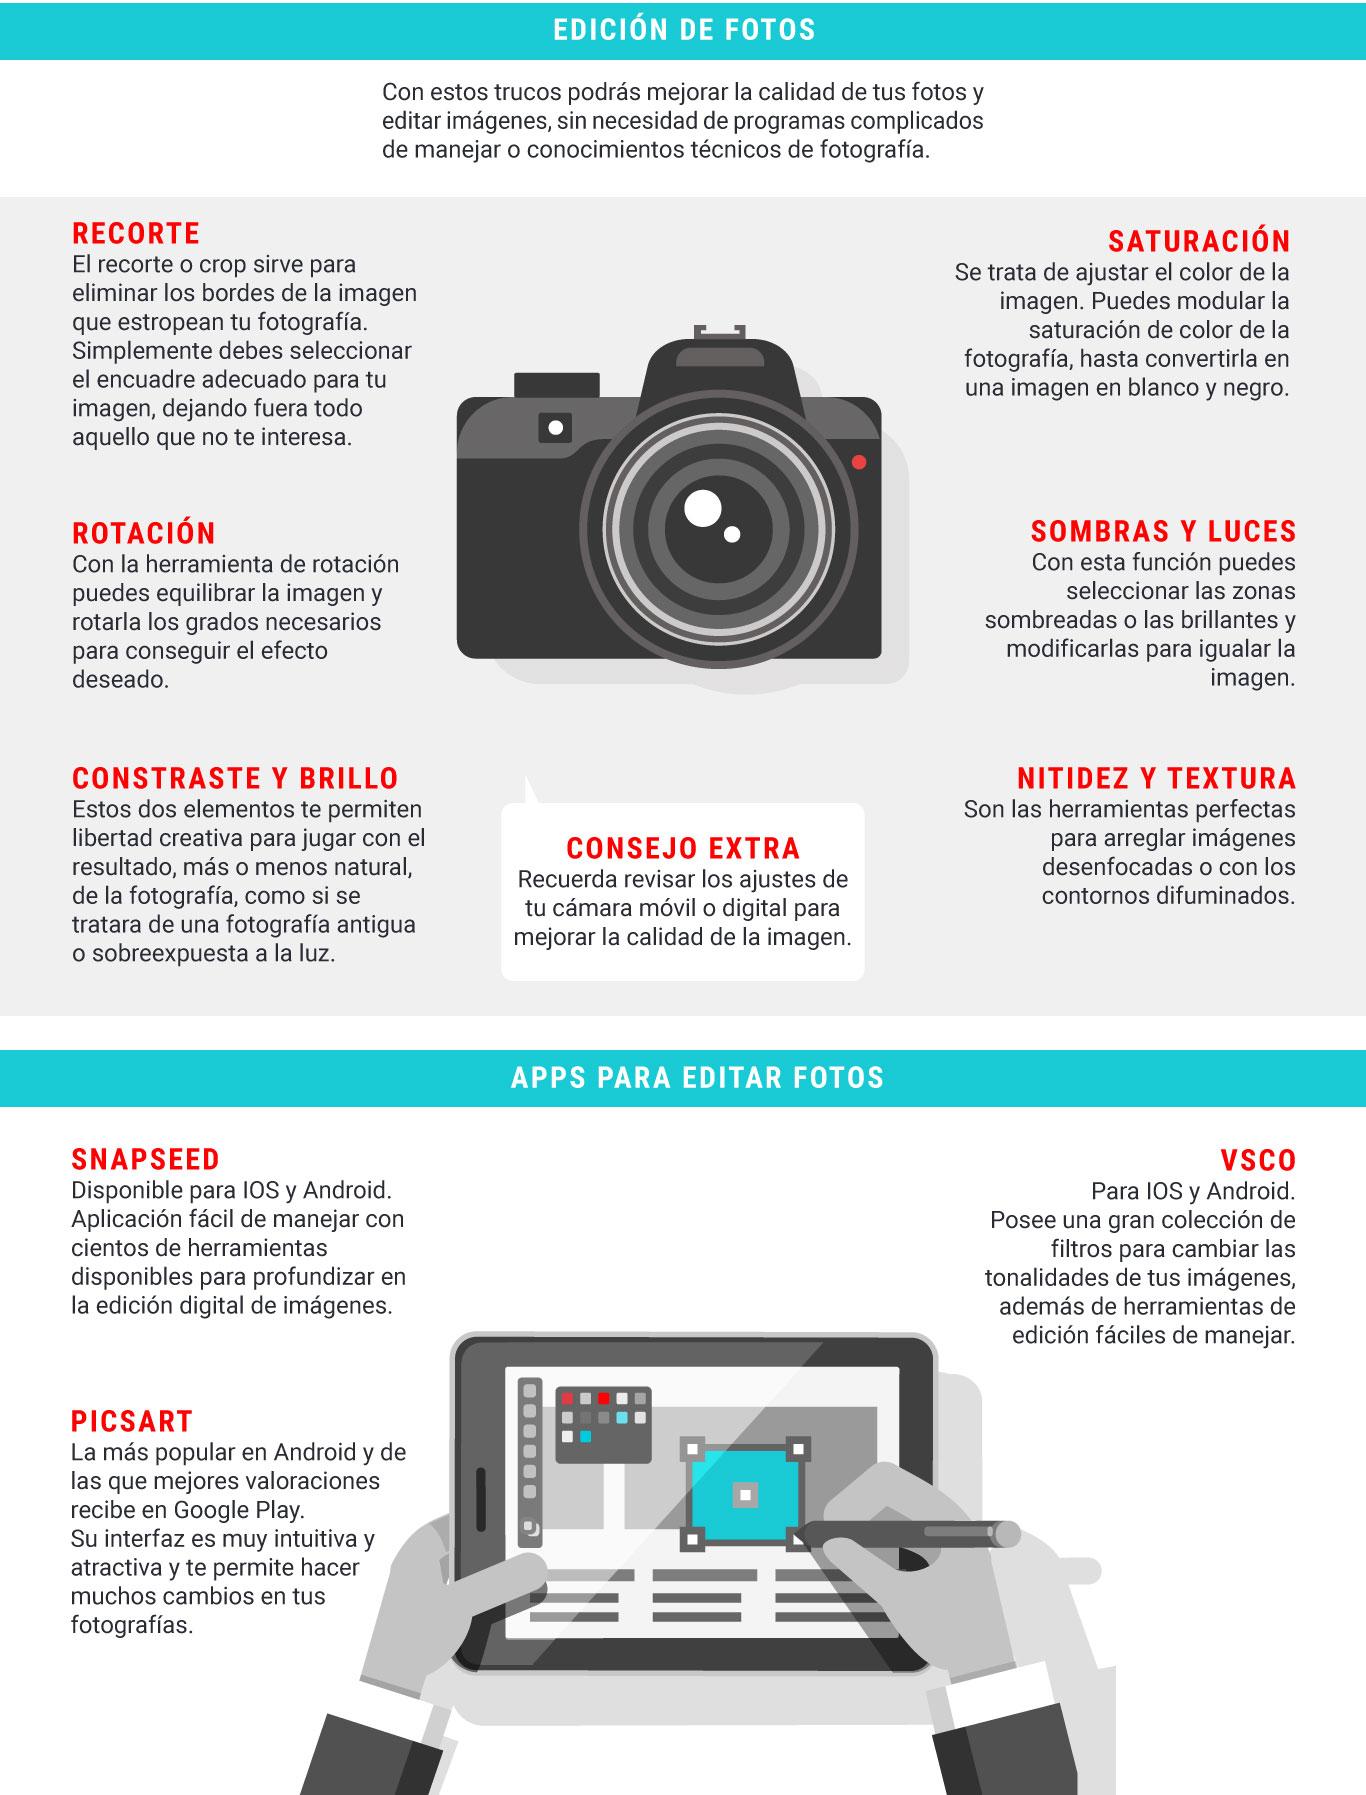 6 trucos para editar una imagen de manera profesional